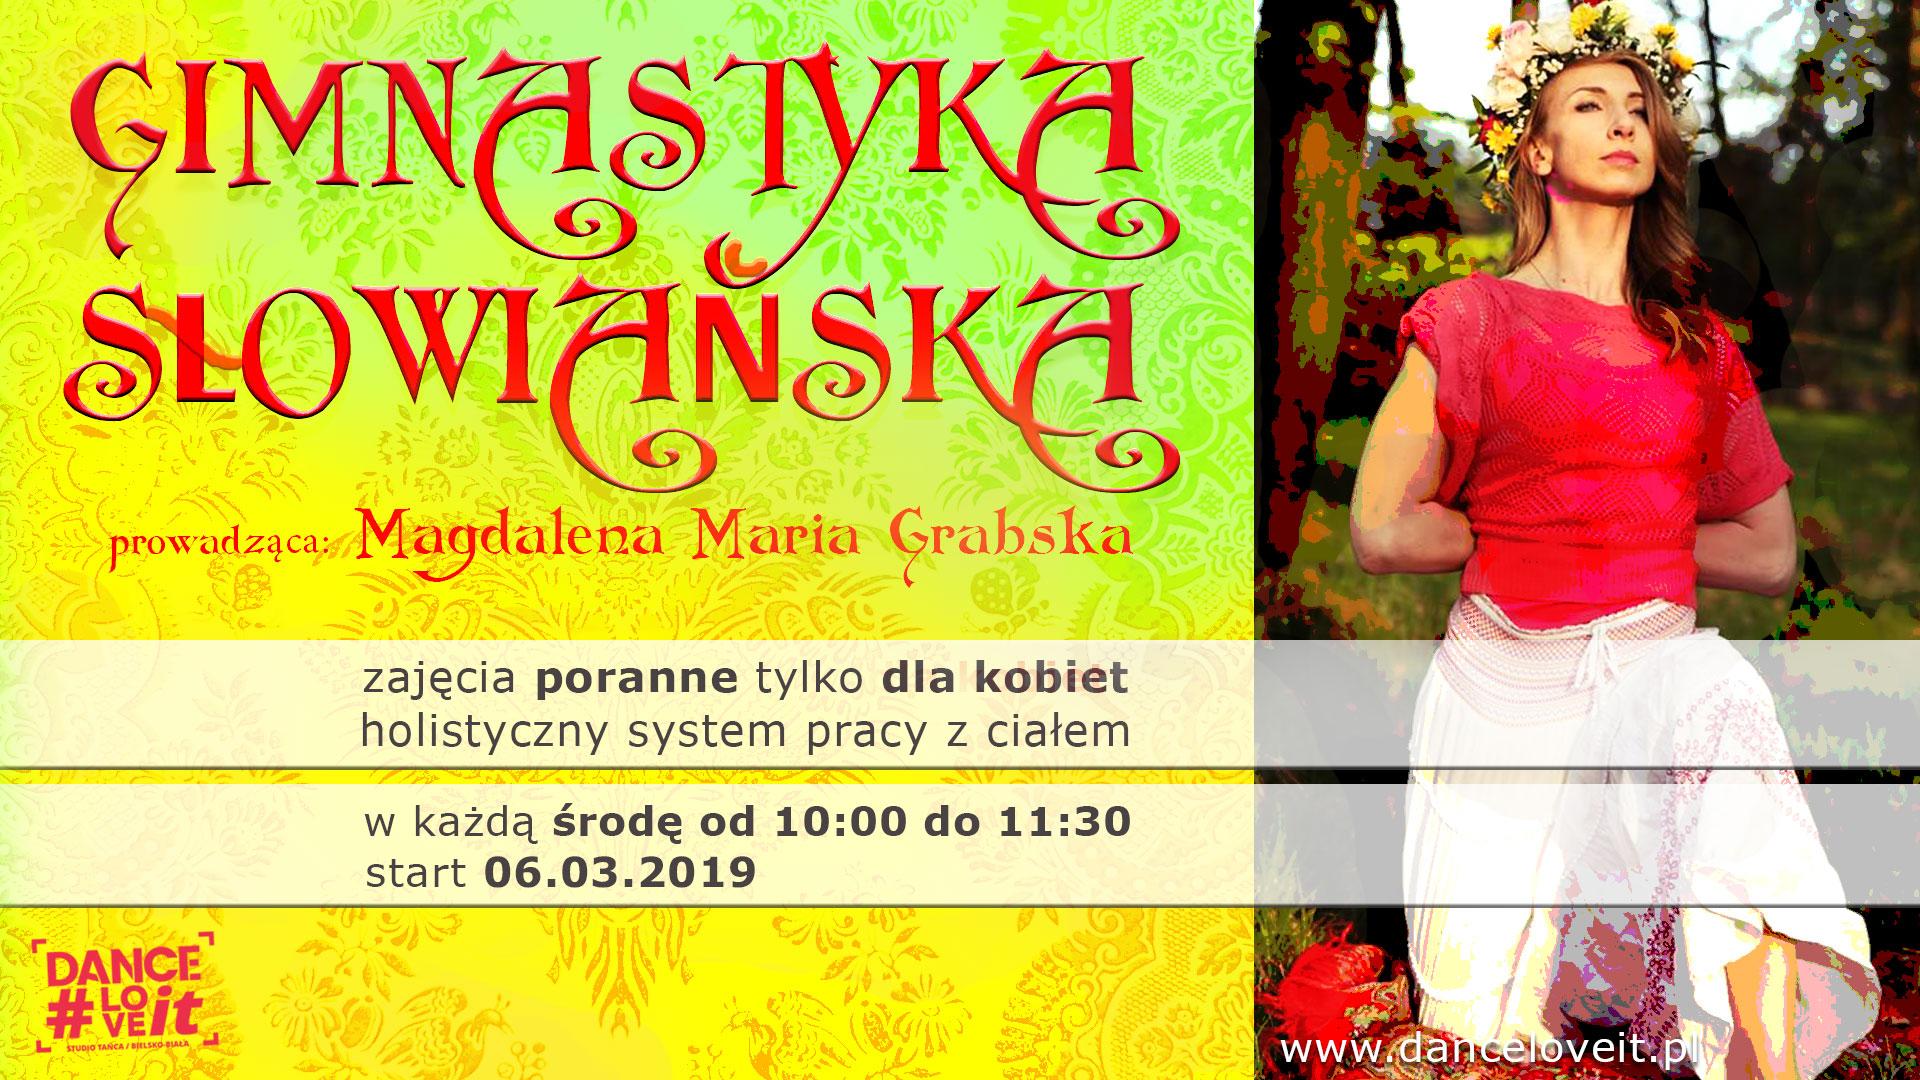 gimnastyka-słowiańska-start-nowej-grupy-zajęcia-poranne-dla-kobiet